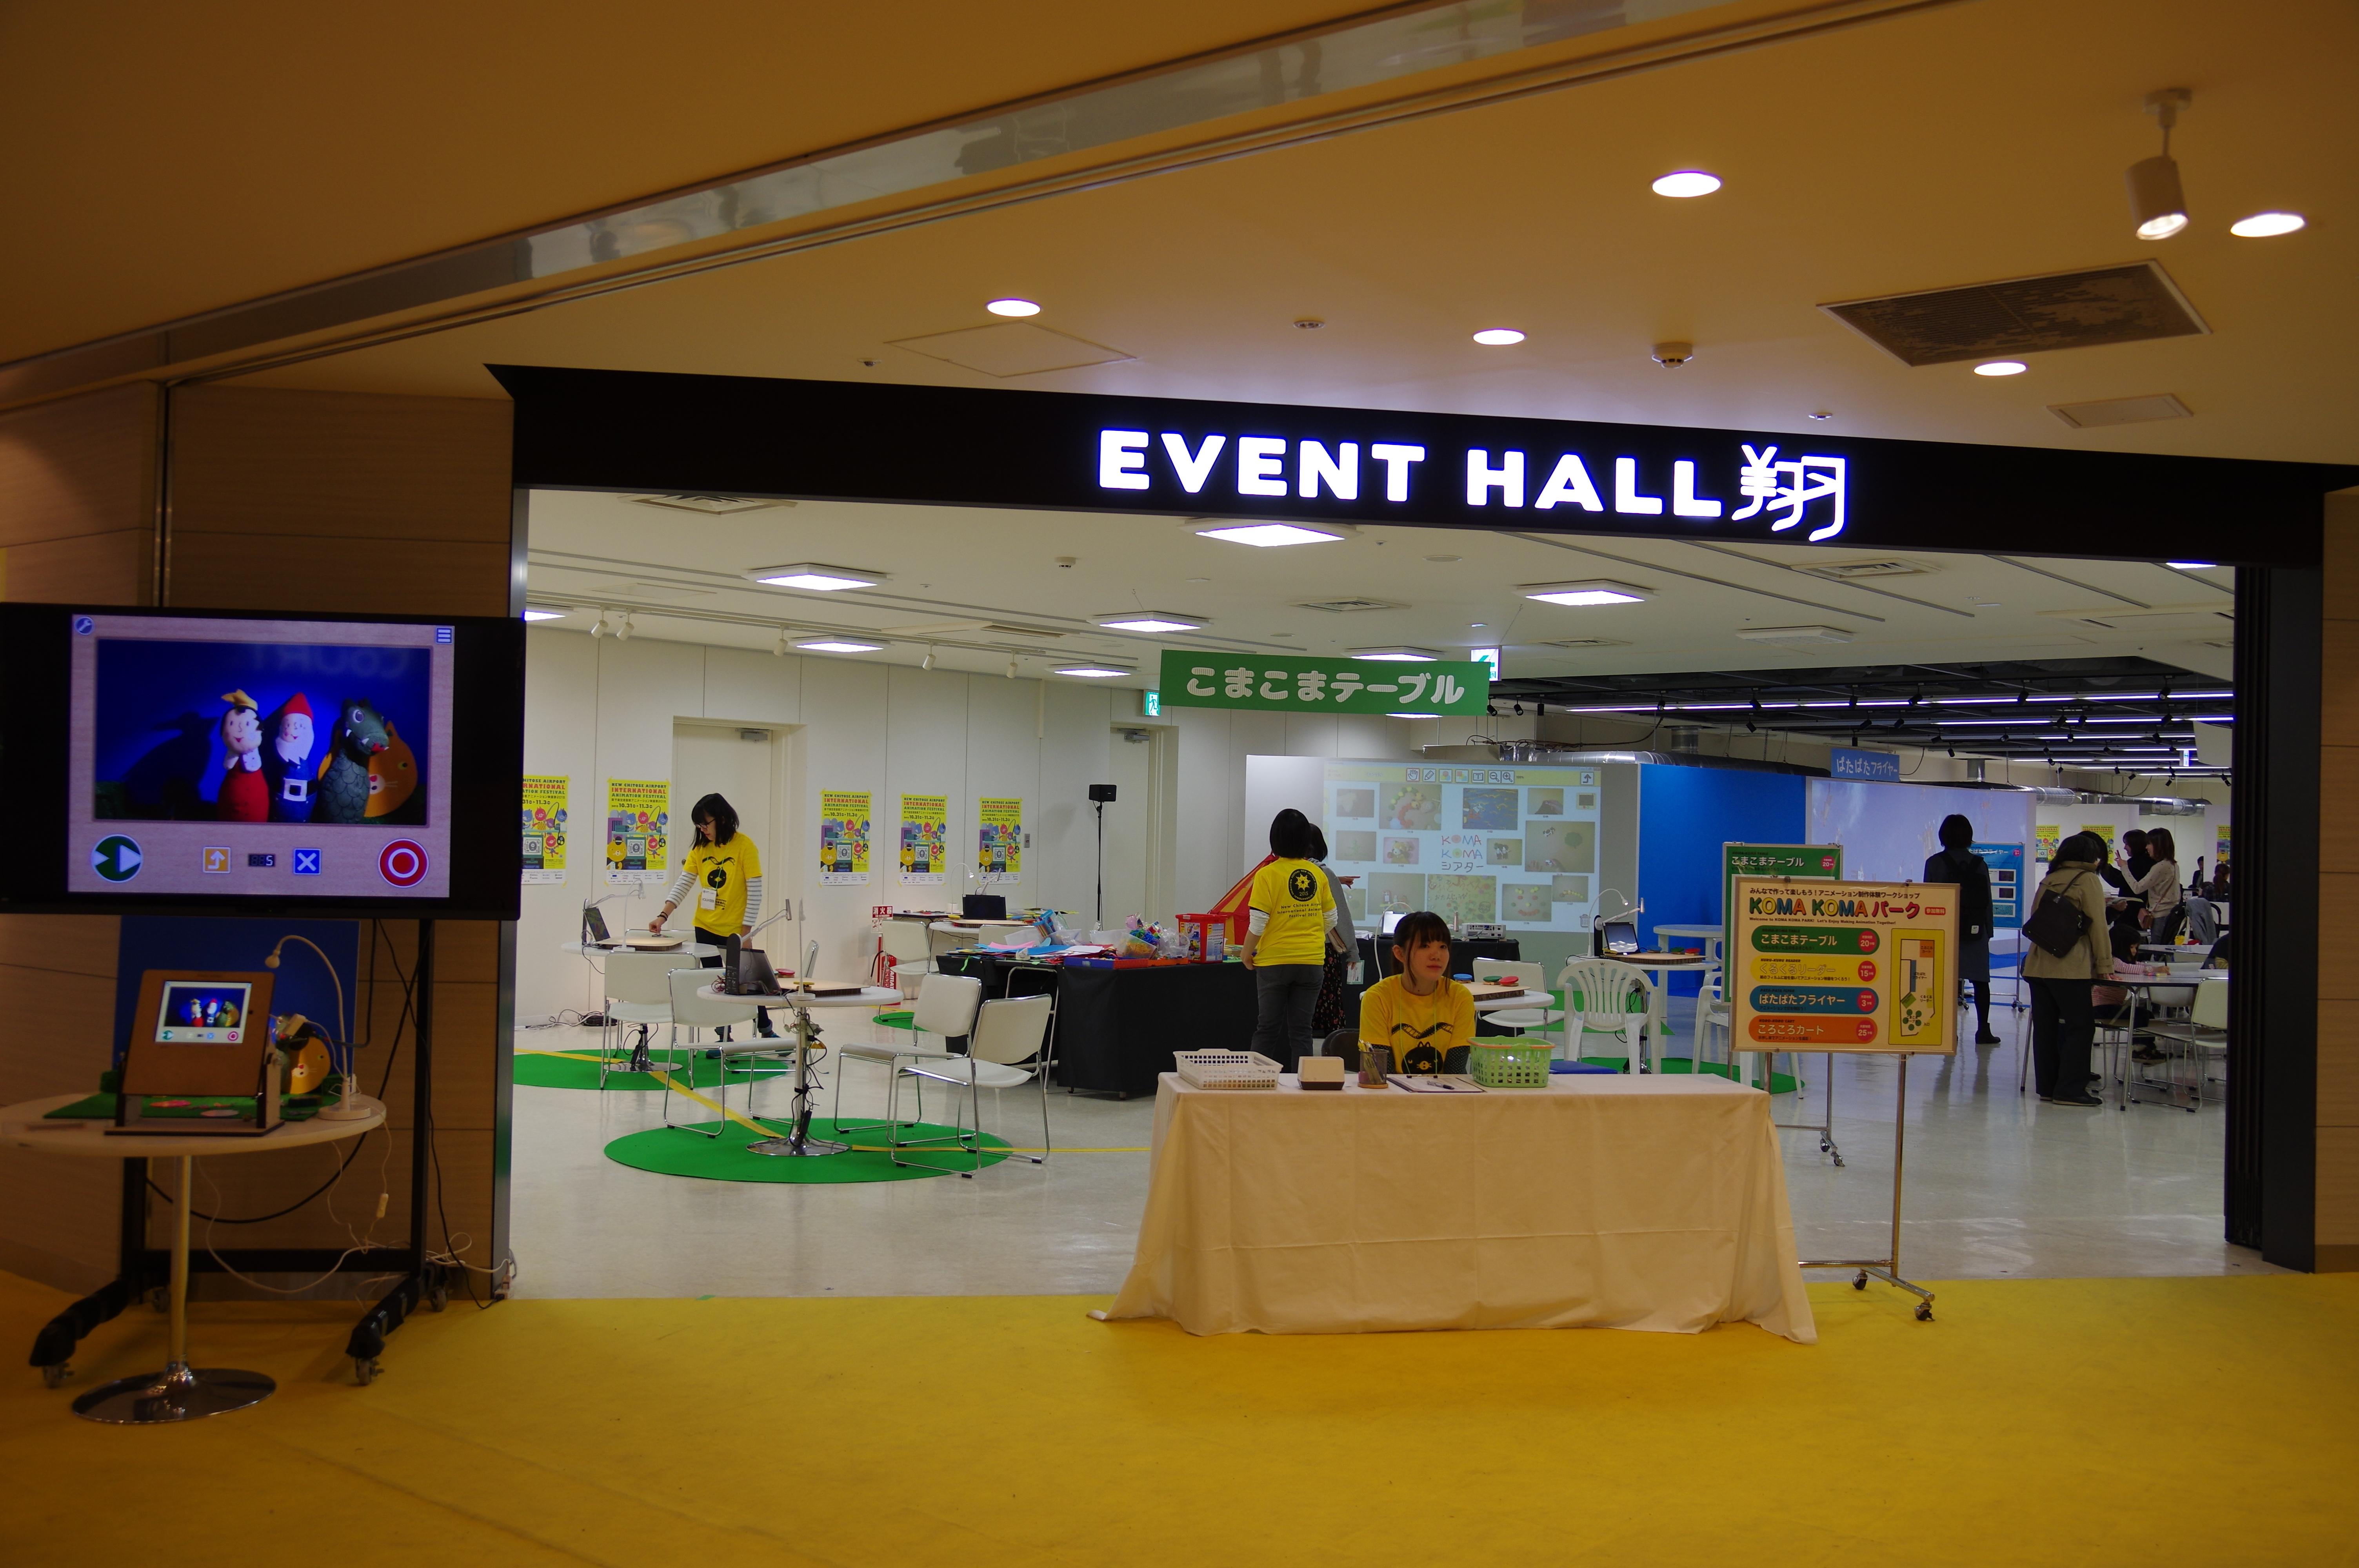 イベントホール入口風景IMGP5366.JPG